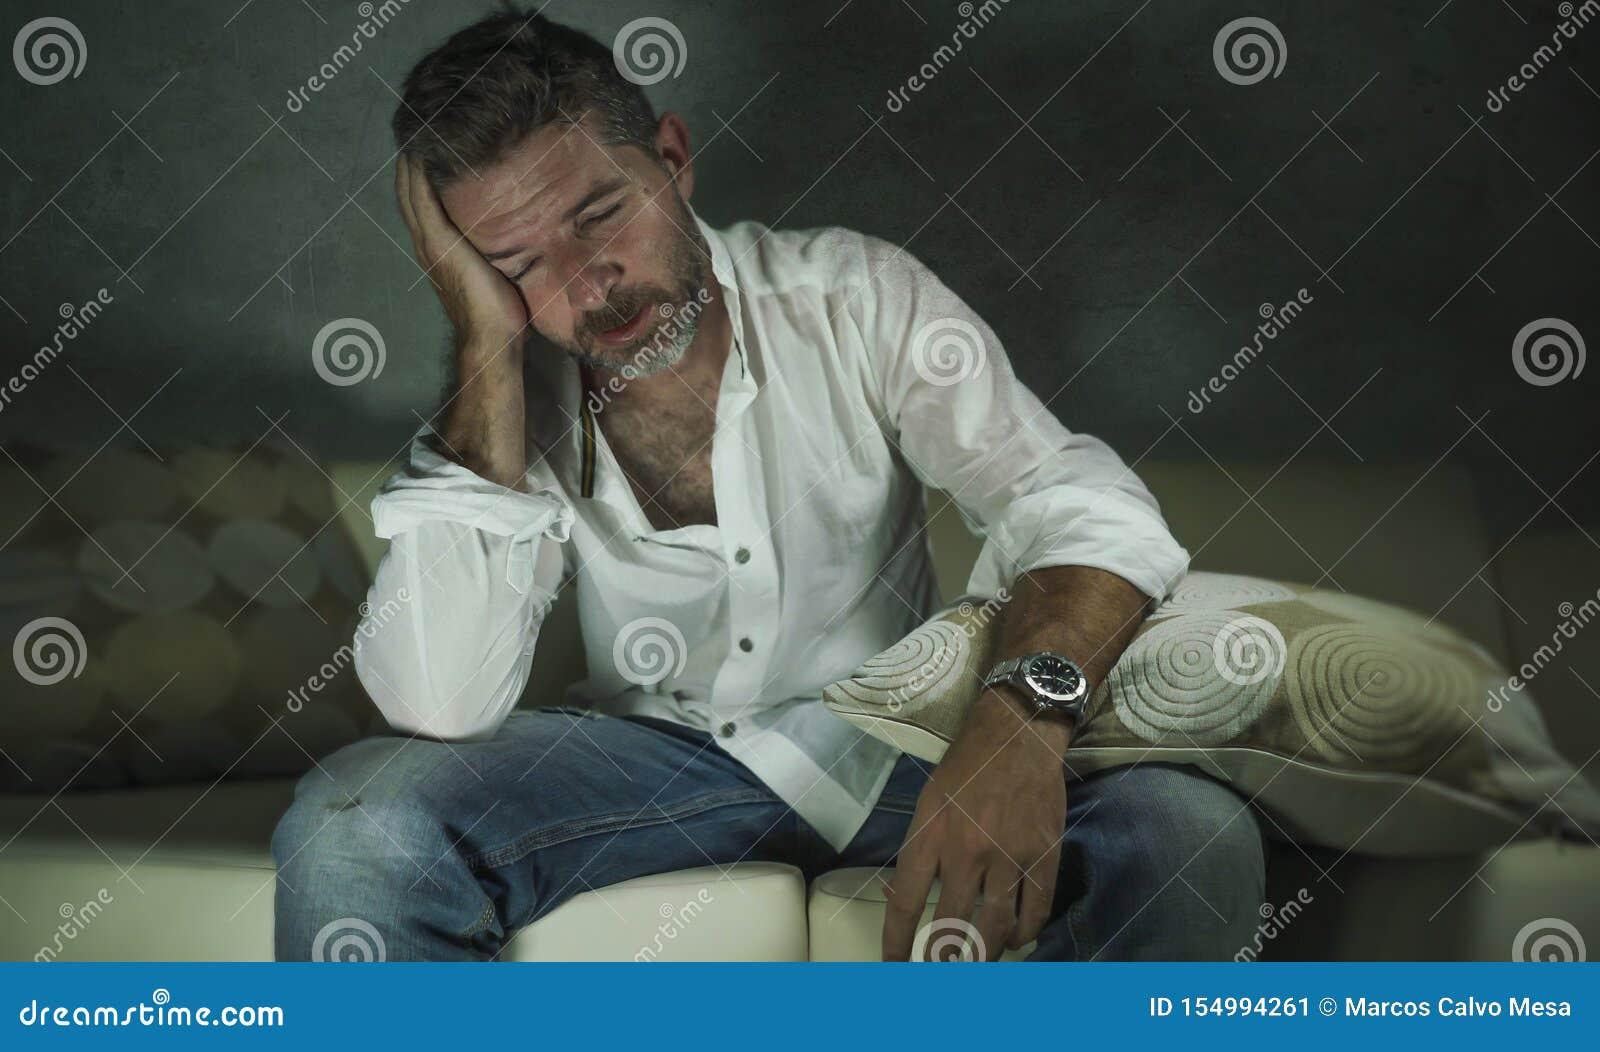 De jonge aantrekkelijke gedeprimeerde en droevige schaduwrijke mens gaat liggen thuis schreeuwen verloren in pijn en wanhoopt lij